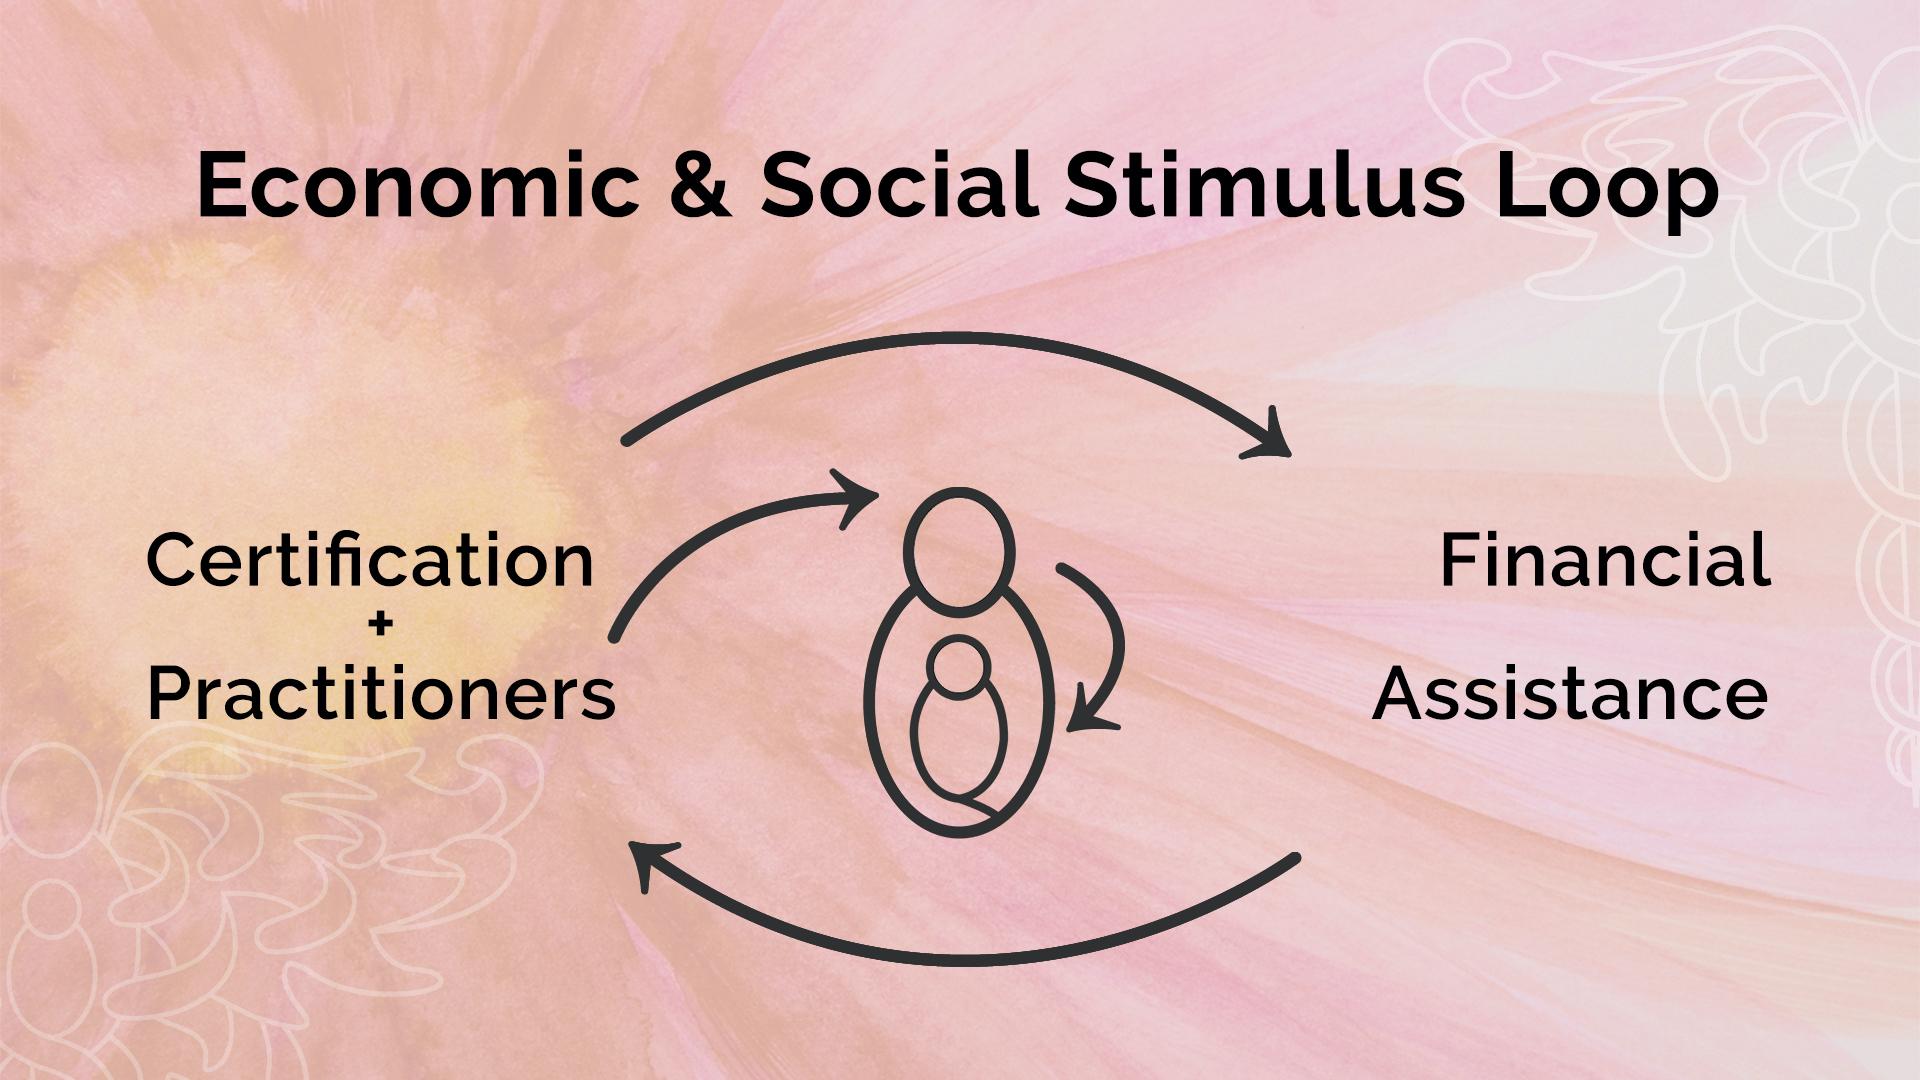 Economic & Social Stimulus Loop